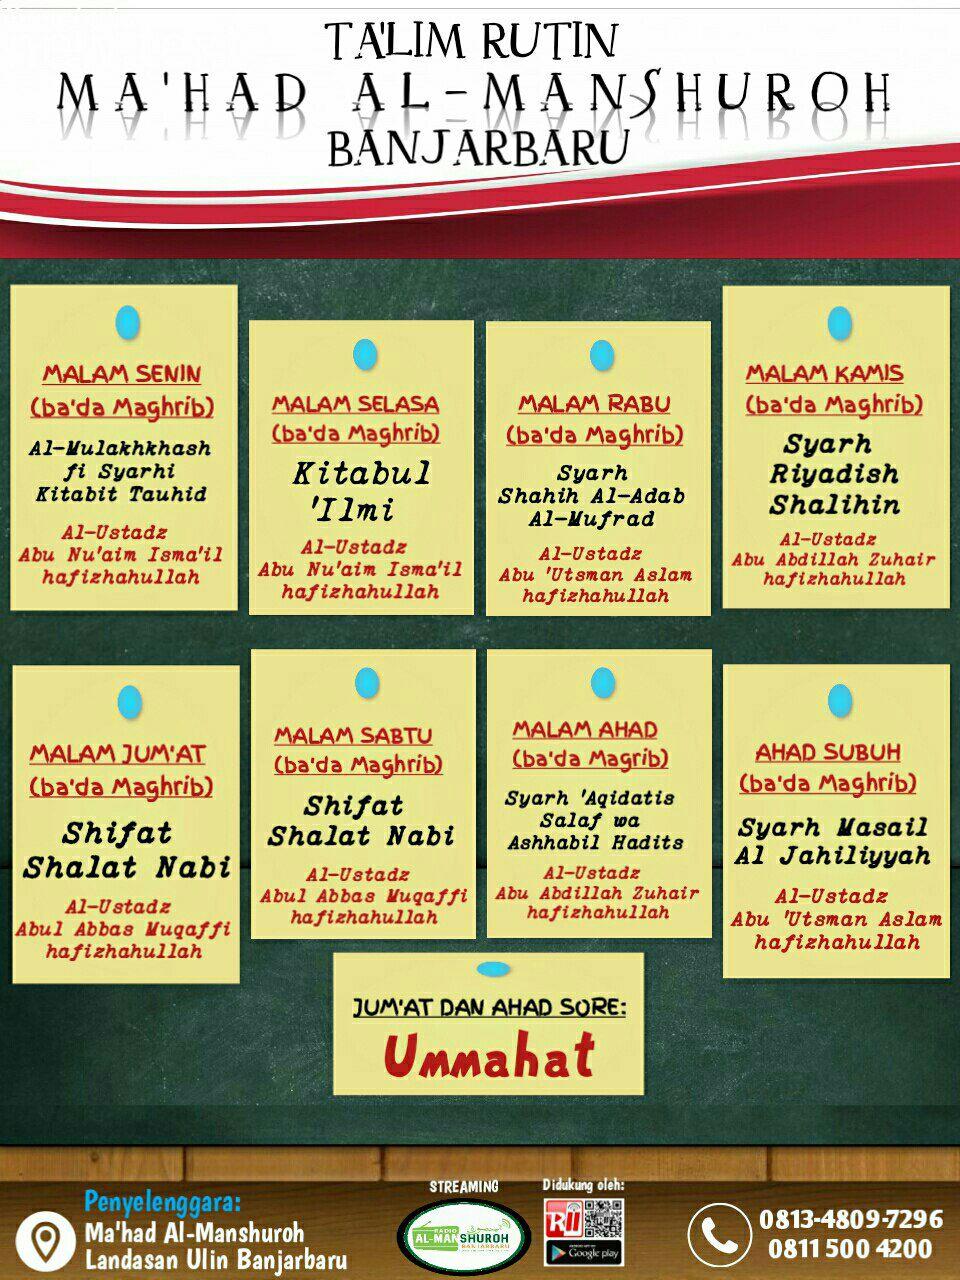 Informasi Jadwal Kajian Sunnah di Banjarbaru